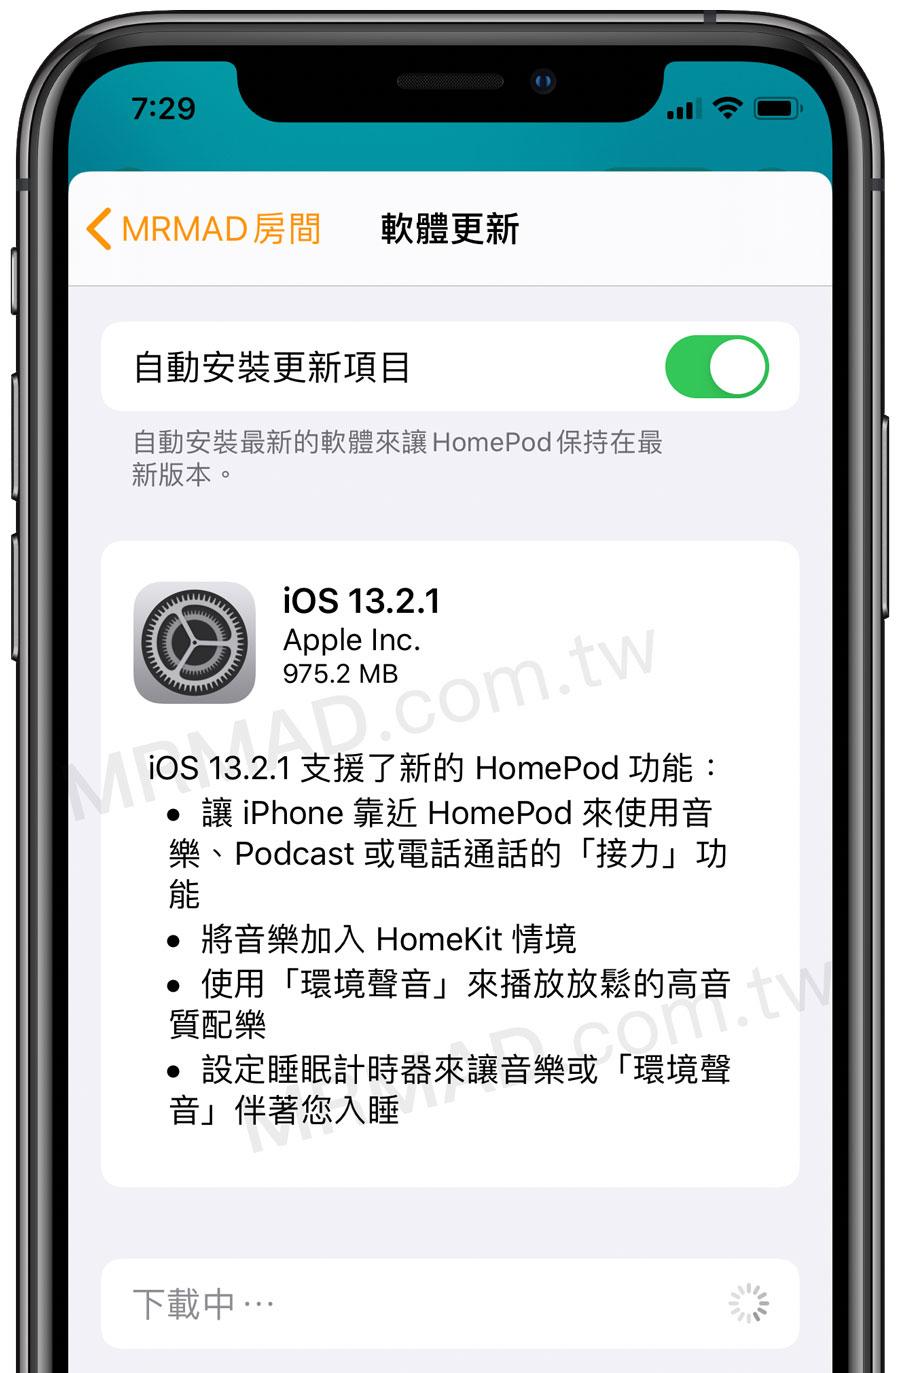 蘋果火速修復 HomePod變磚問題,推出 iOS 13.2.1 修正錯誤